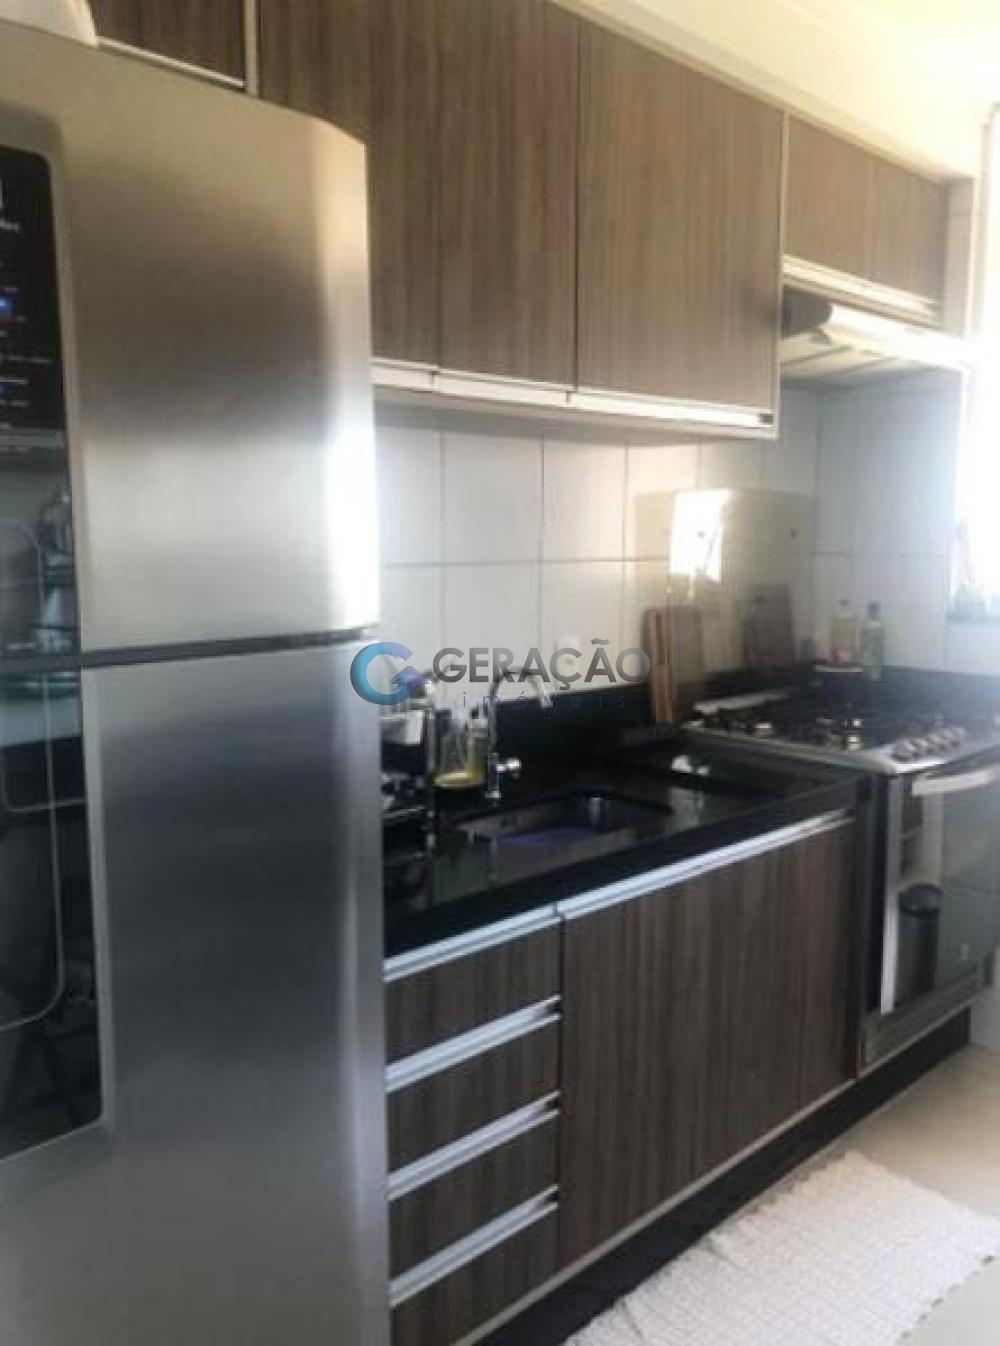 Comprar Apartamento / Padrão em São José dos Campos R$ 410.000,00 - Foto 5